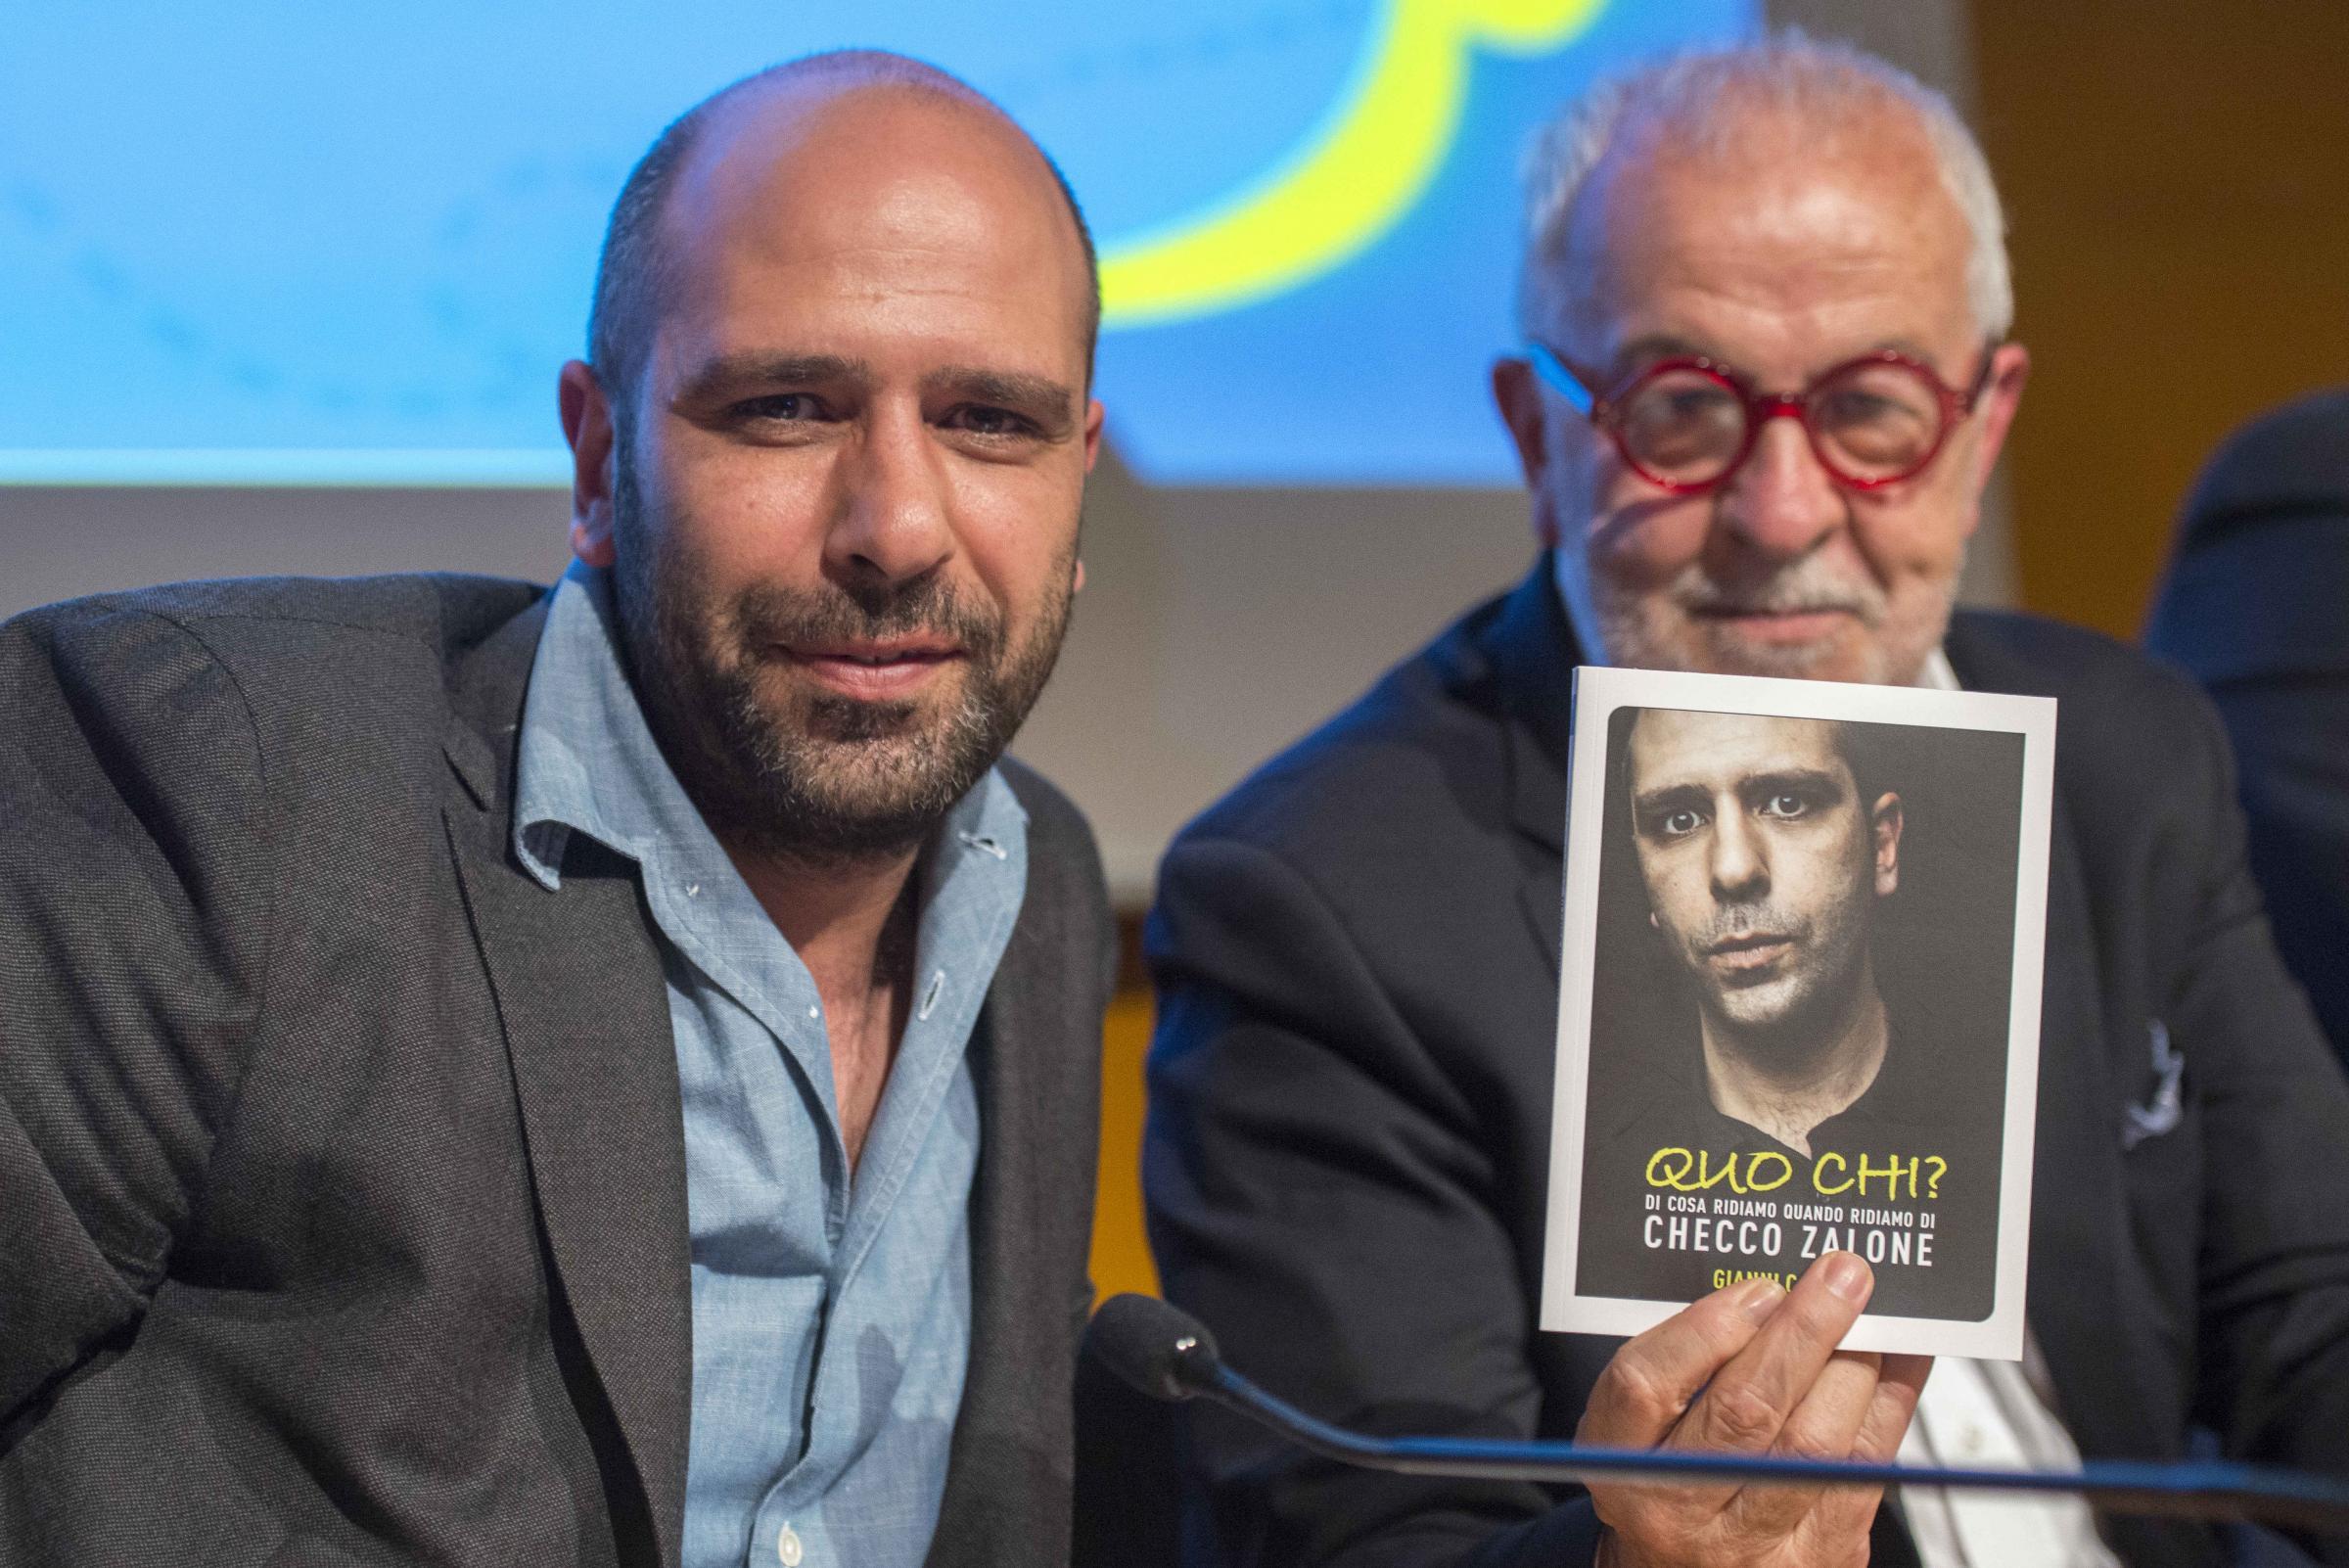 Checco Zalone al Salone Internazionale del Libro di Torino